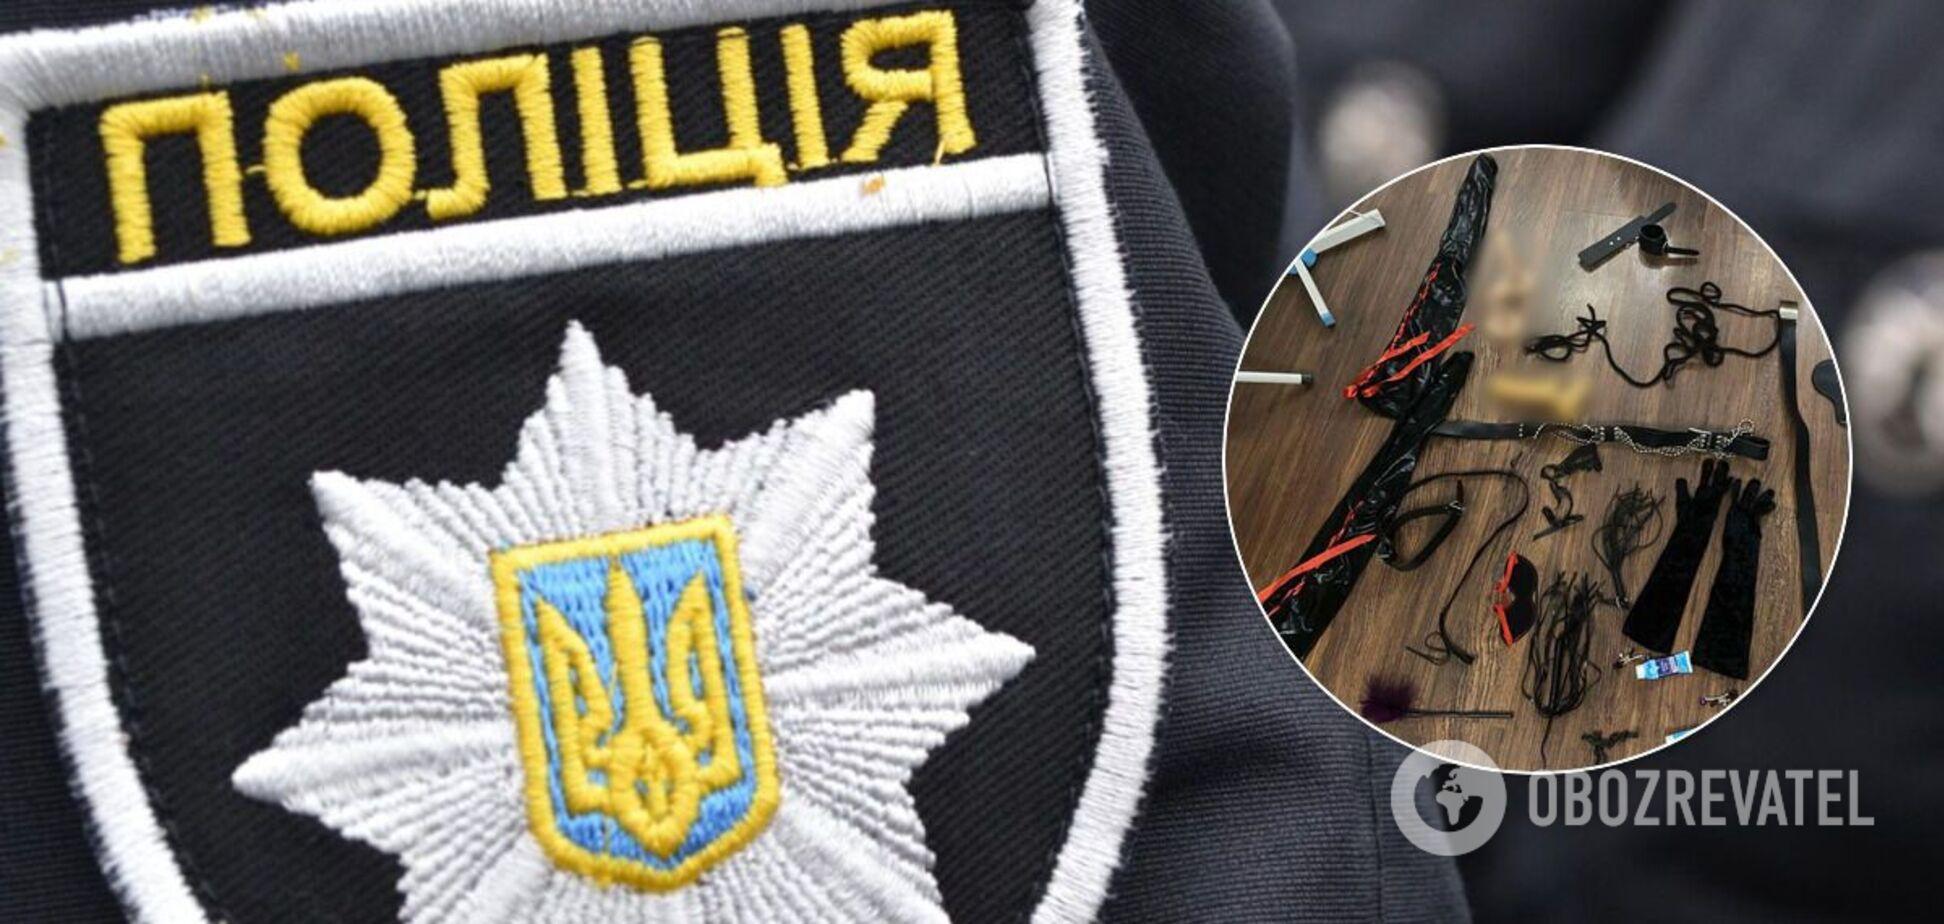 На Харьковщине полиция 'накрыла' бордель, который маскировали под массажный кабинет. Фото